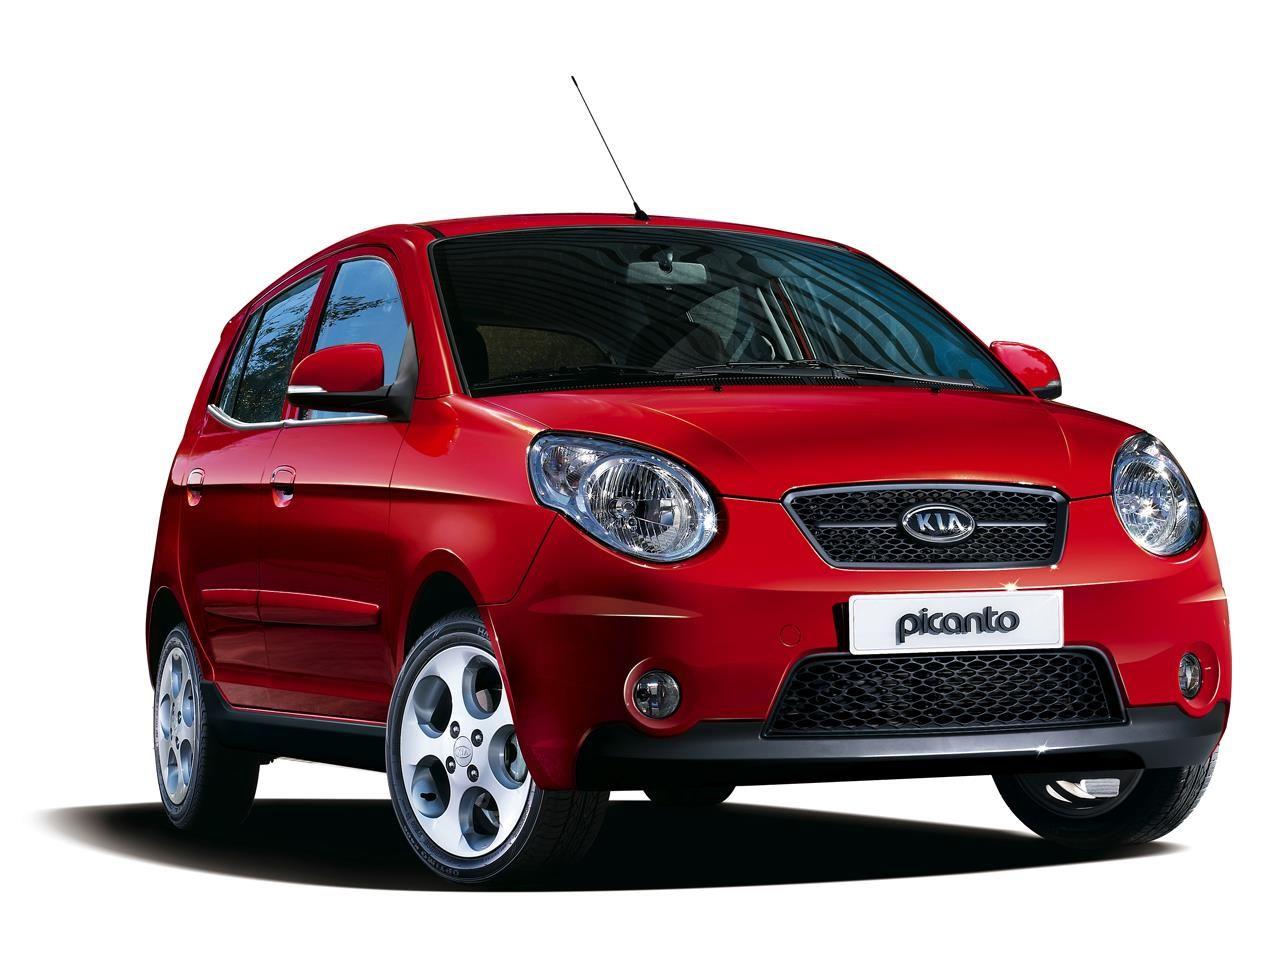 Pin By Cloudhax On Cloudhax Car Kia Picanto Car Car Ins